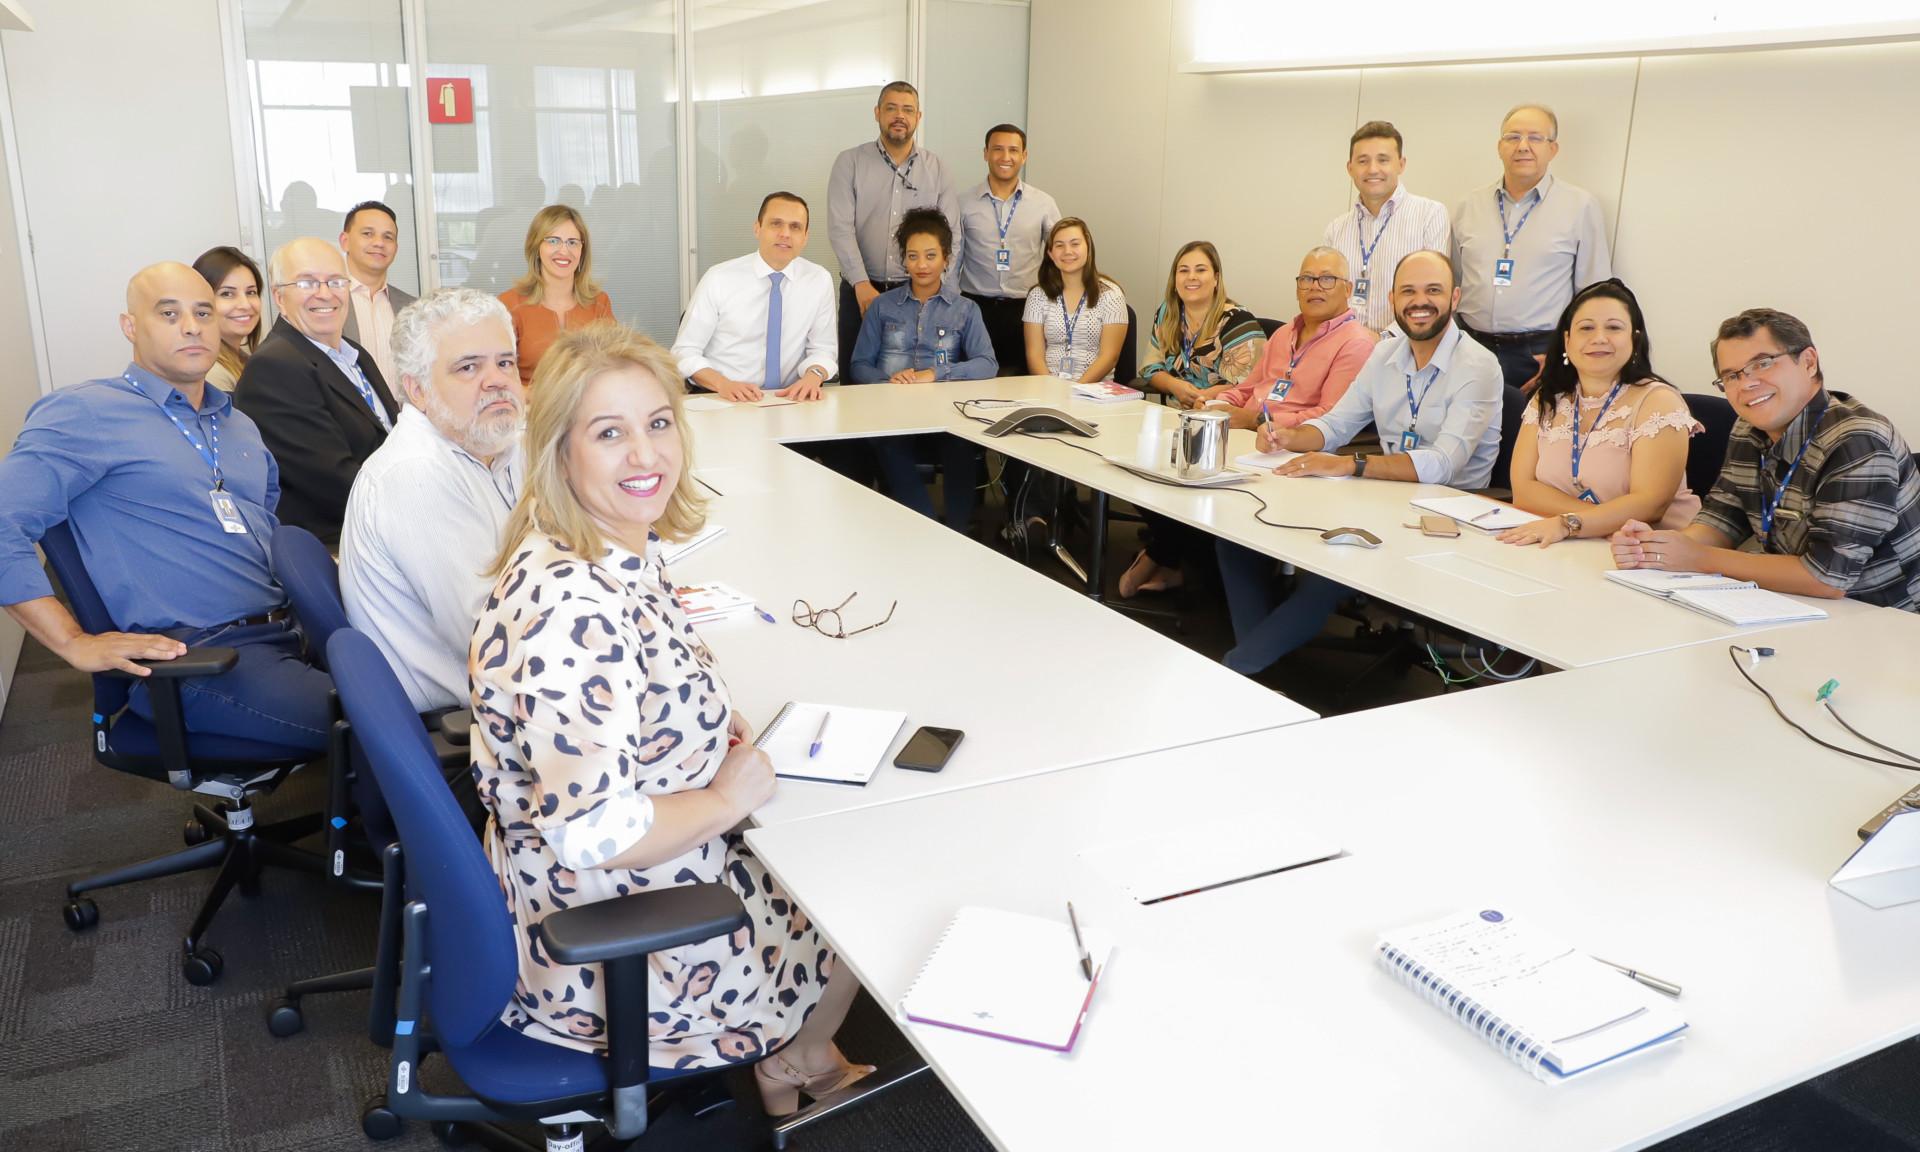 Reunião com a equipe da Unidade de Gestão Orçamentária e Contabilidade (UGOC)